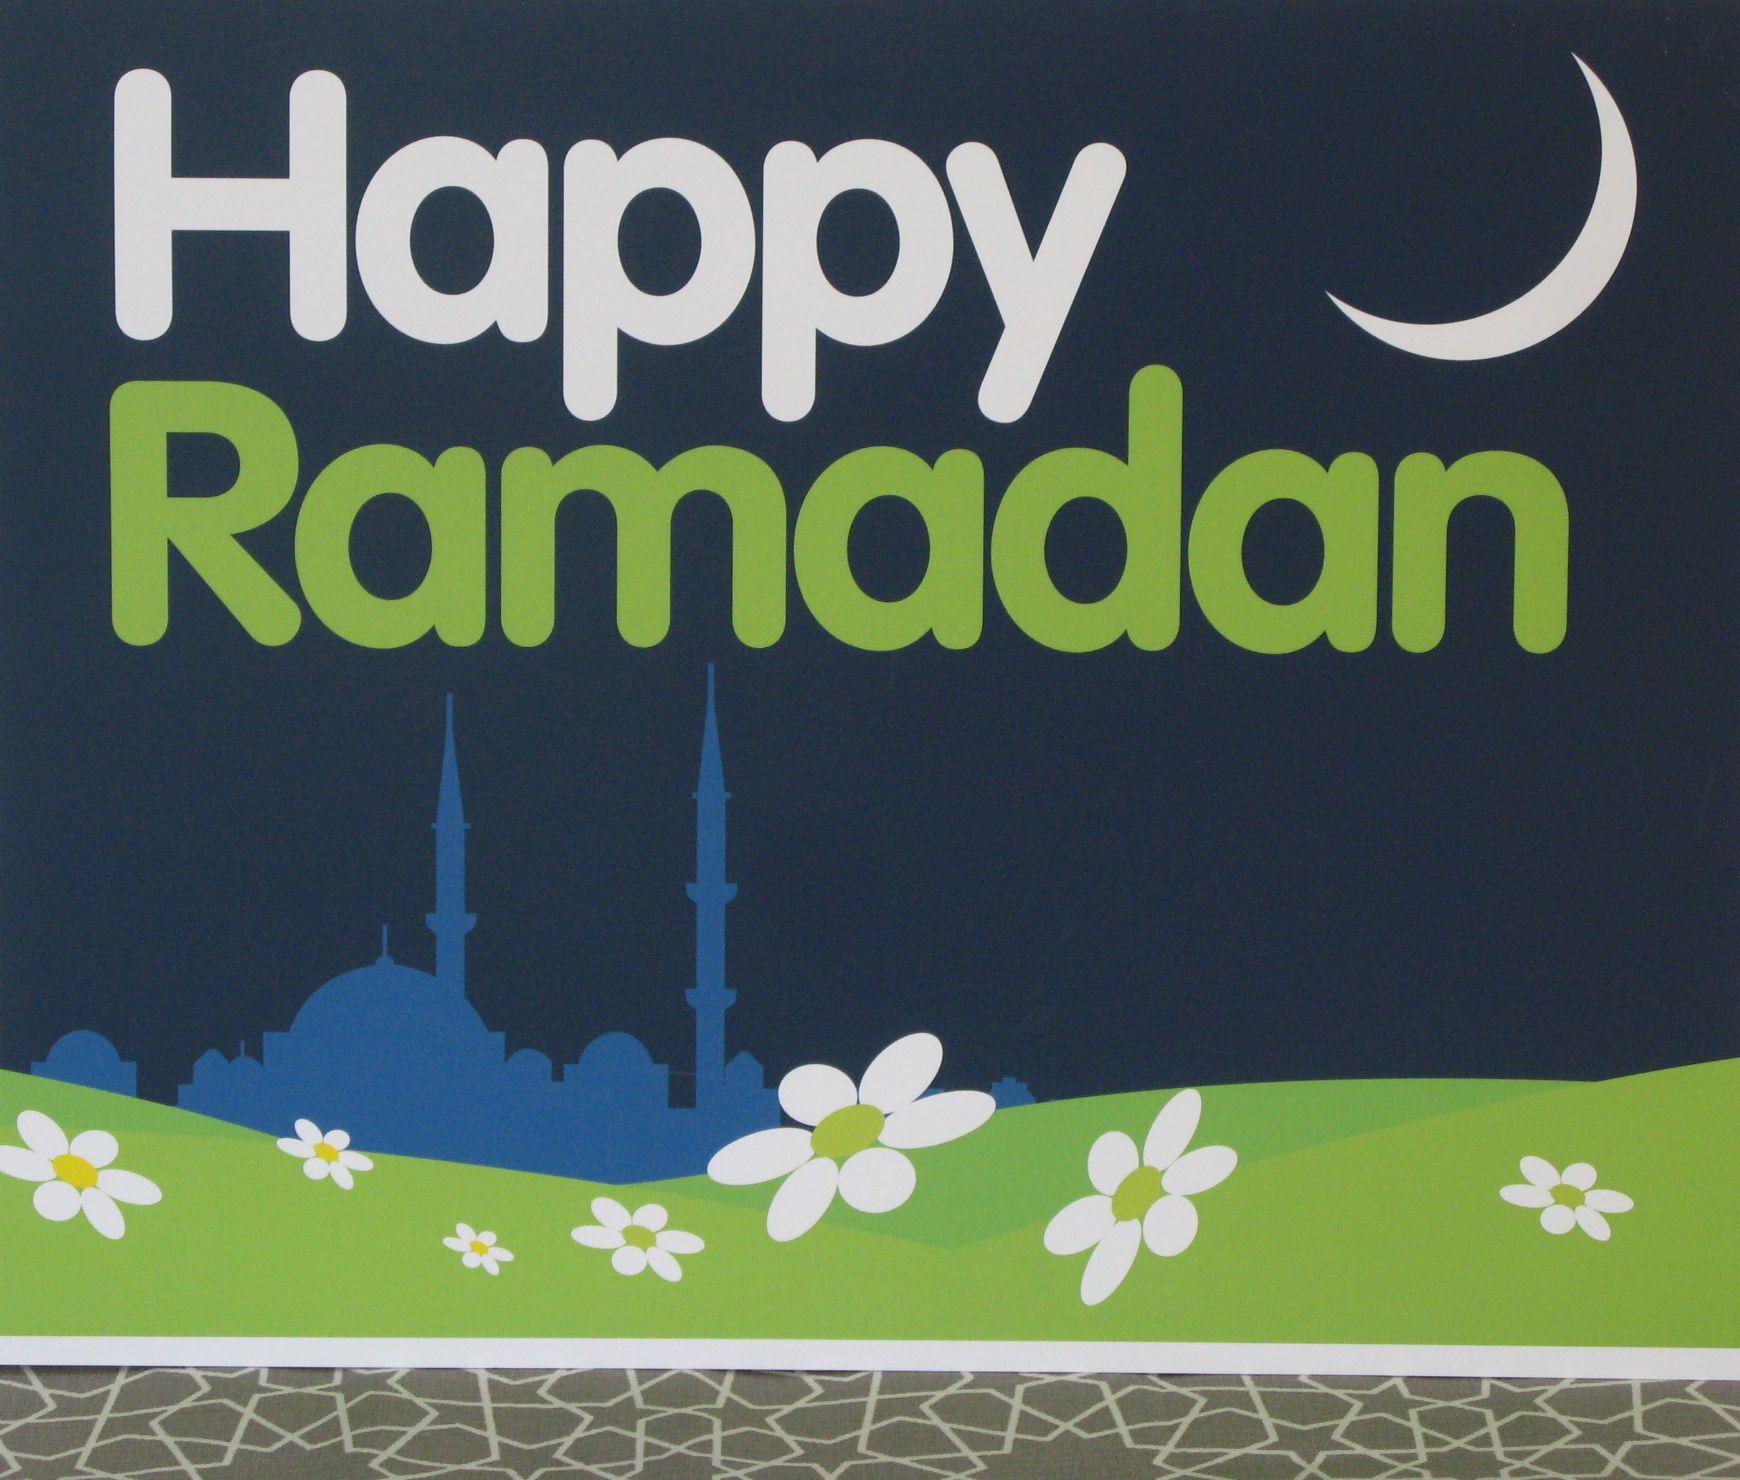 Most Inspiring Joy Eid Al-Fitr Feast - eb7e3cfdfe5c3ce16e39c66a6d126f69  You Should Have_84968 .jpg